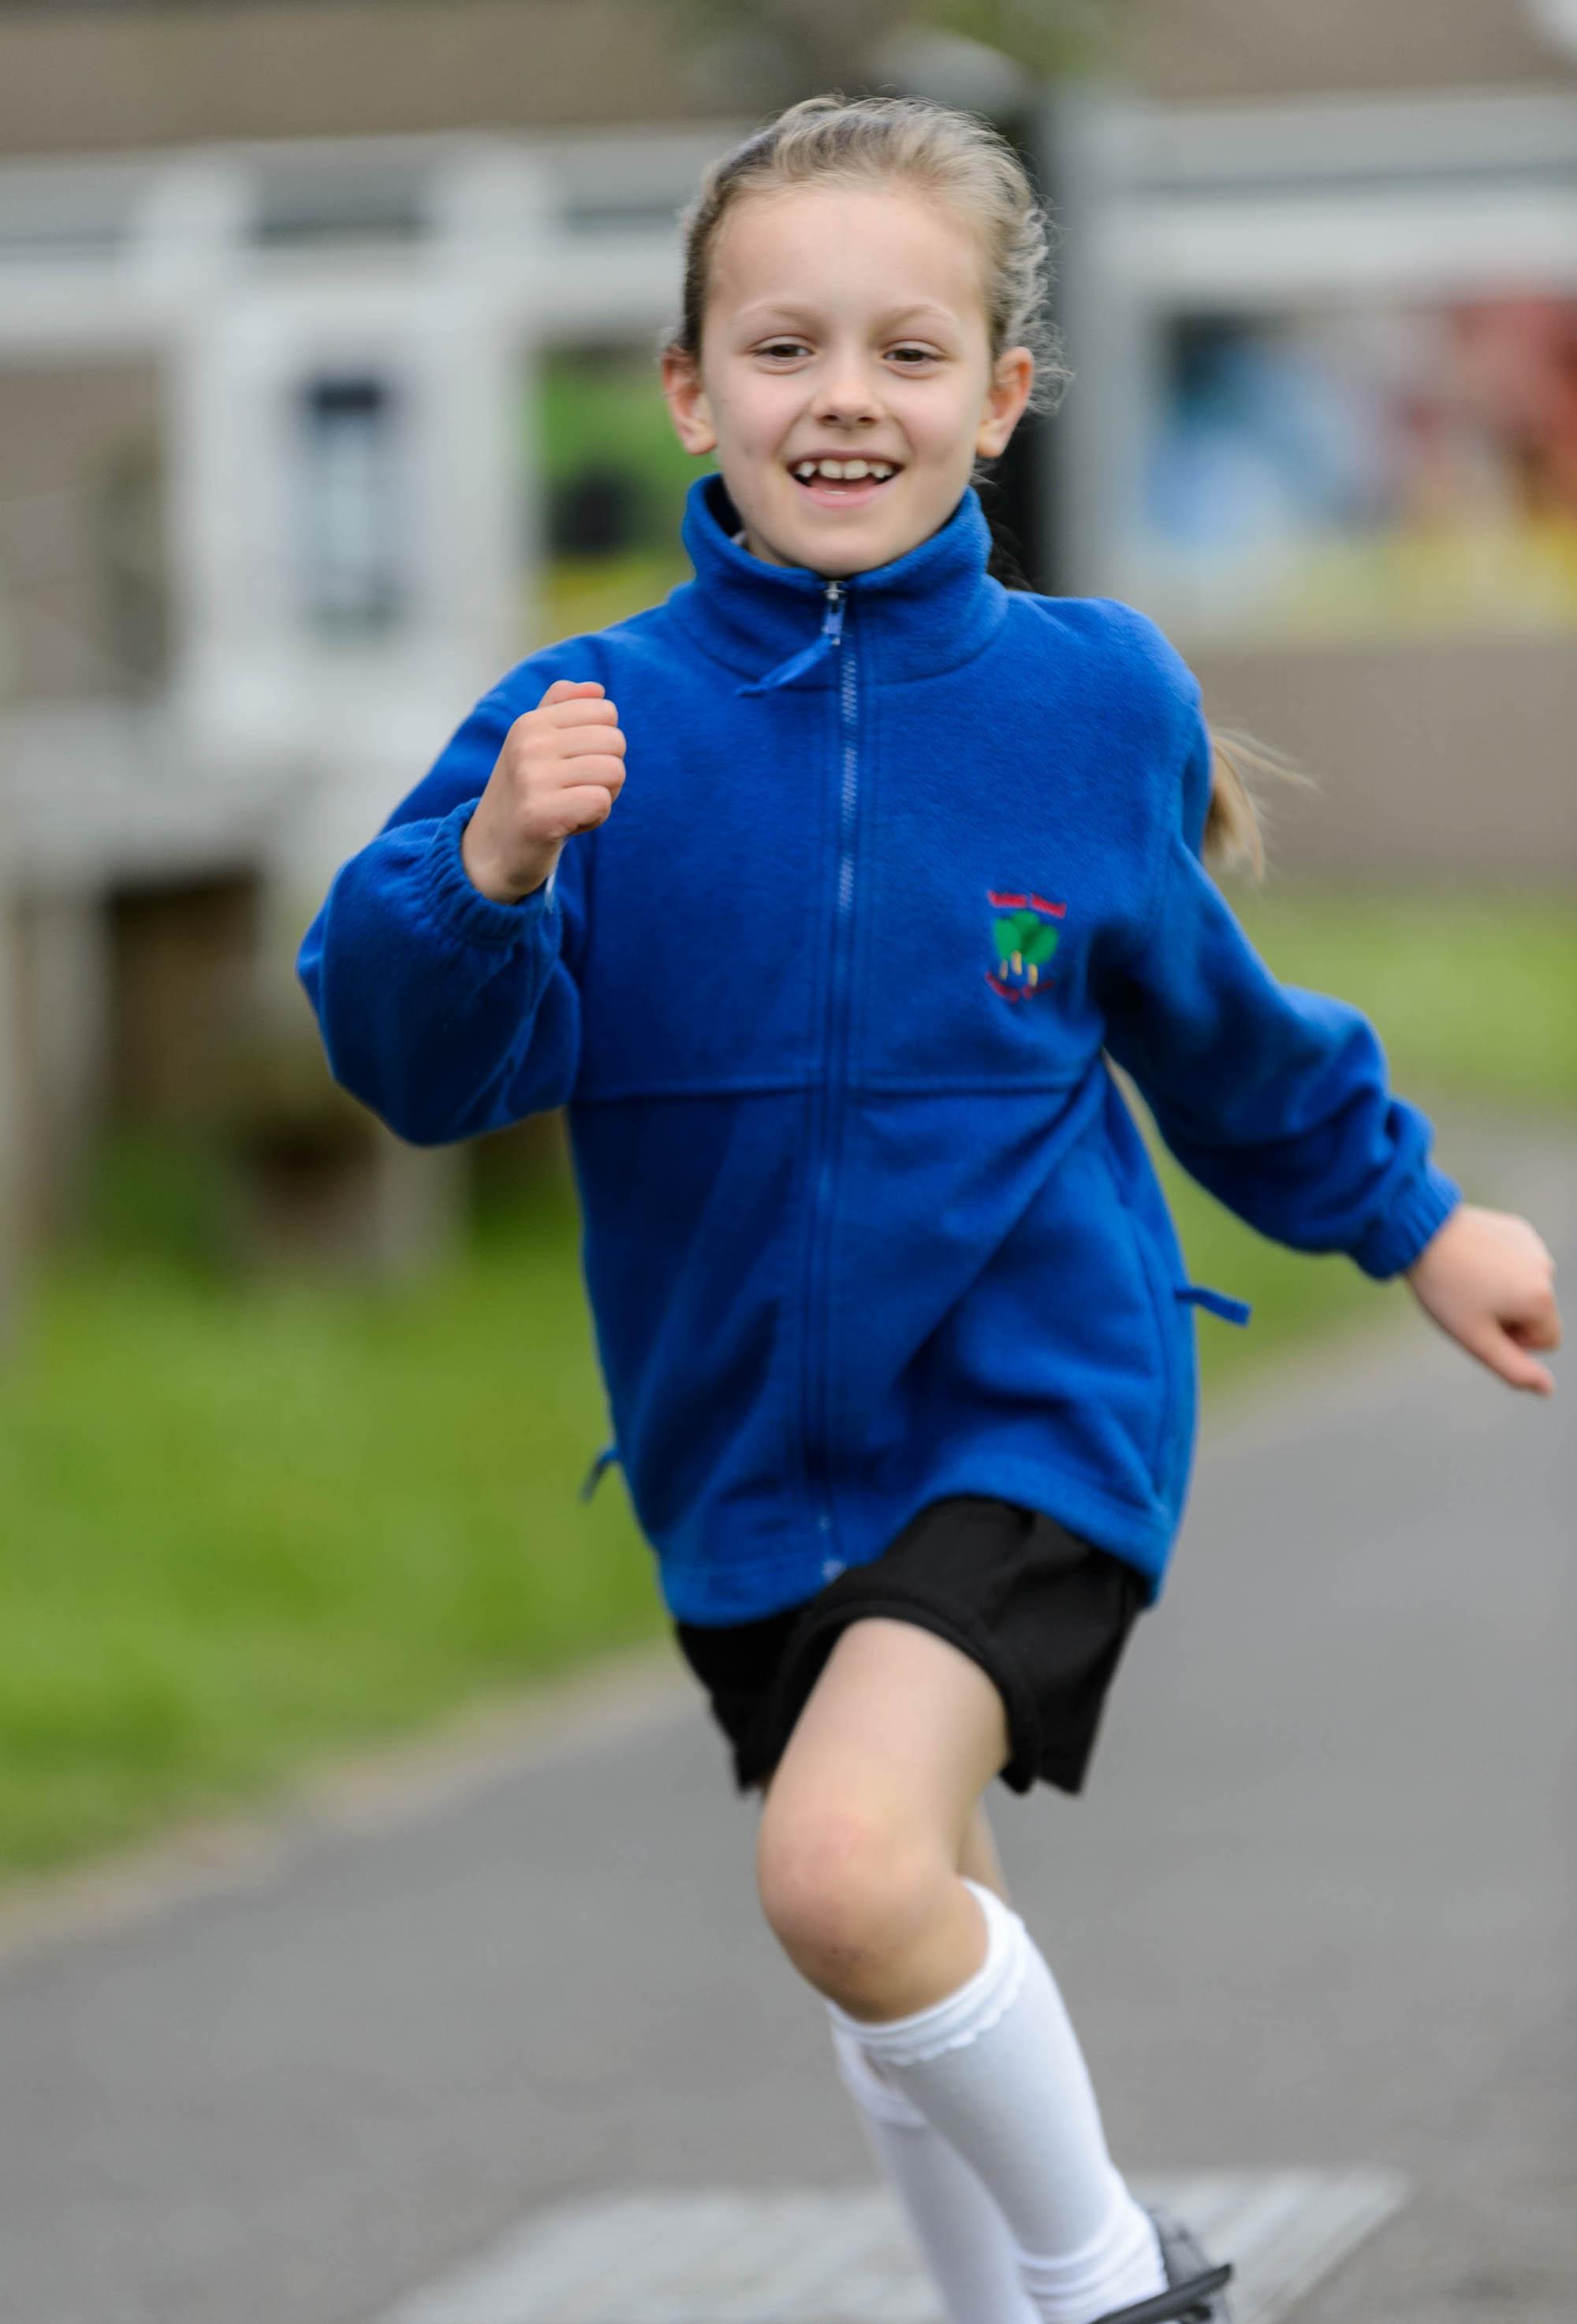 young girl running in school uniform